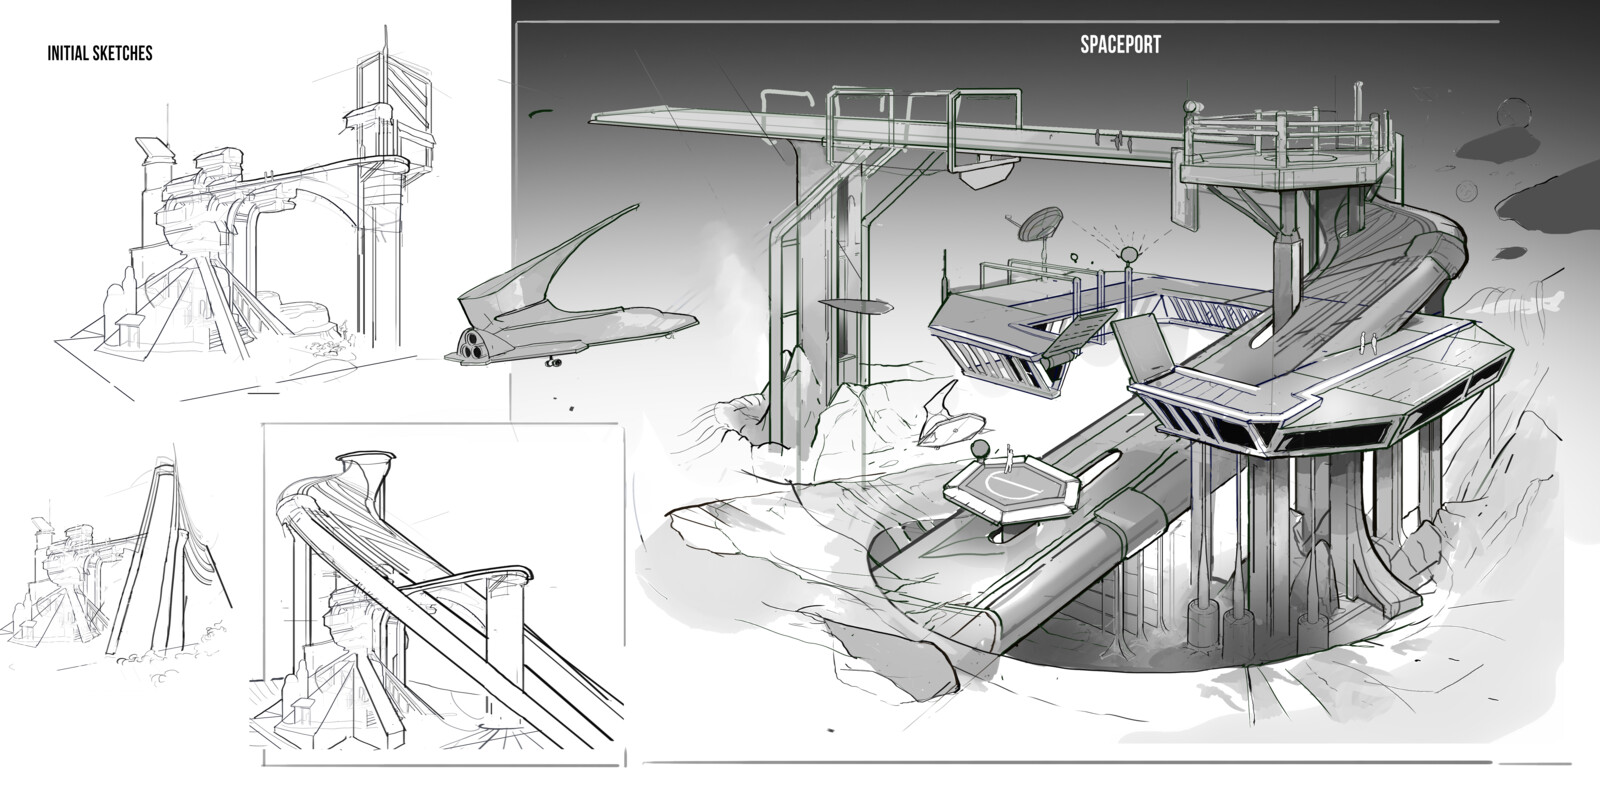 spaceport design